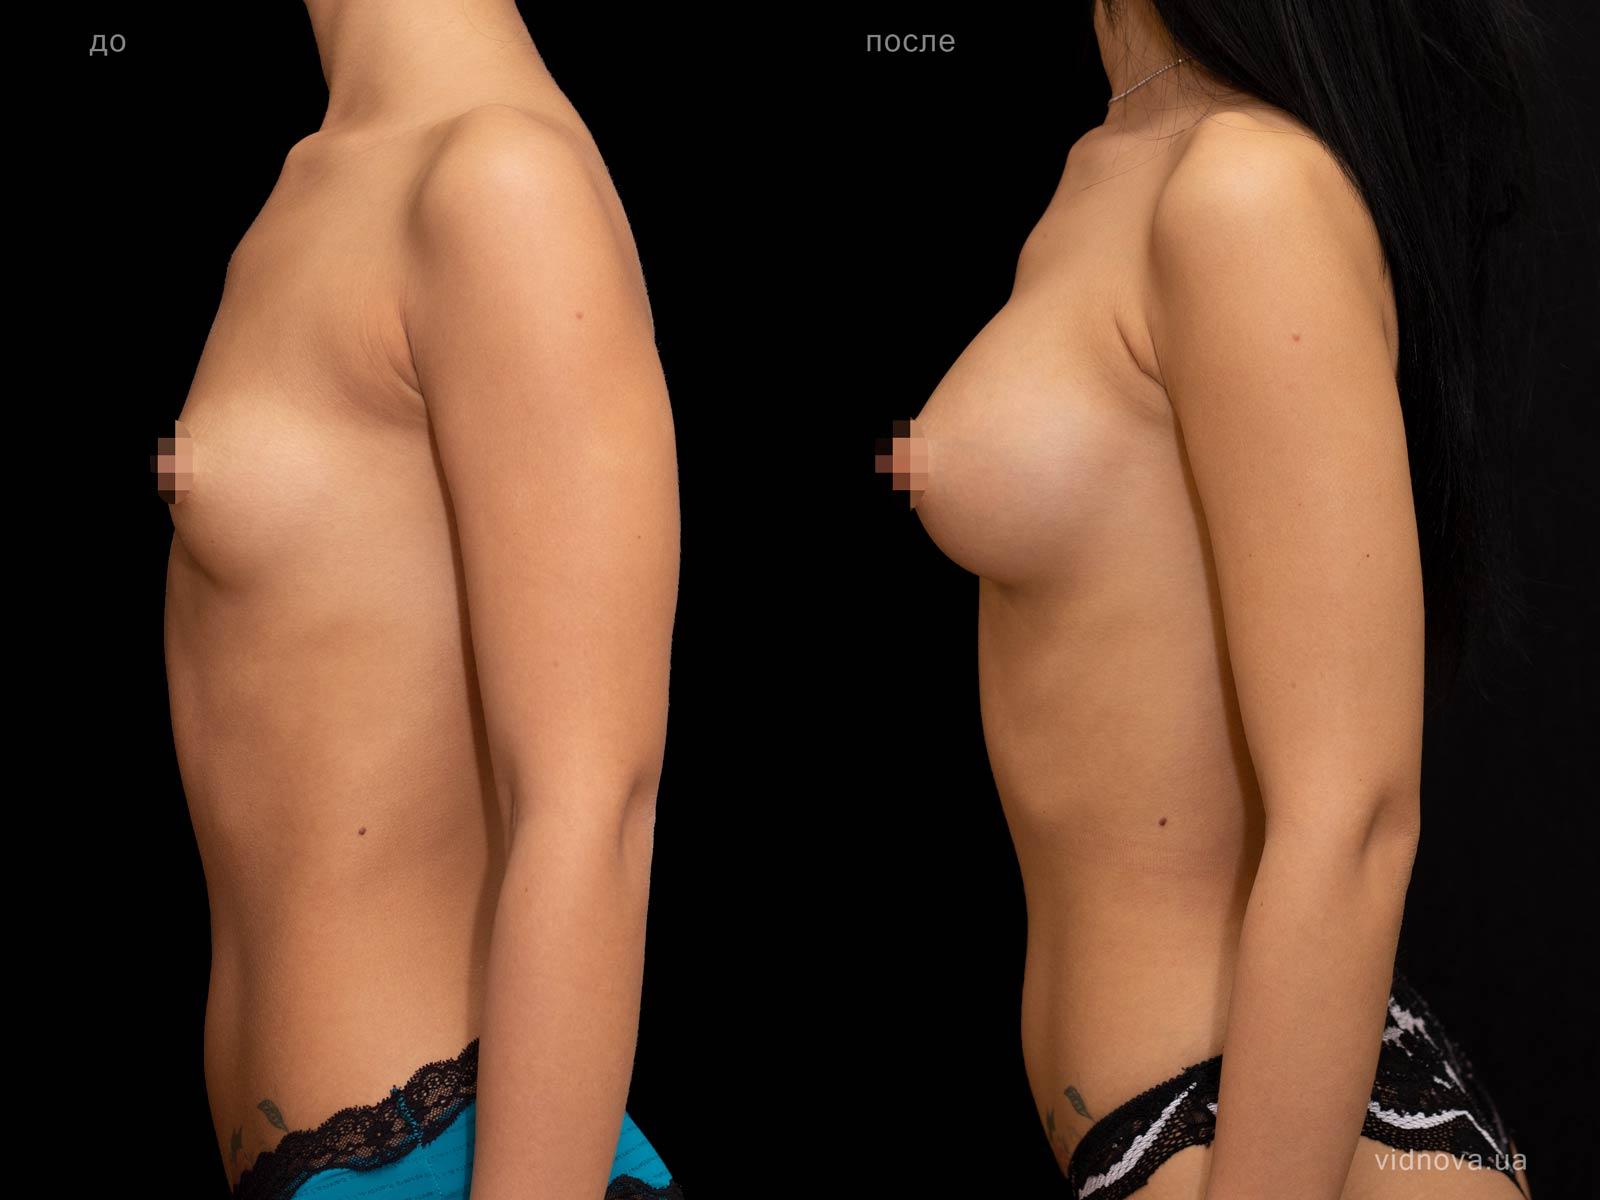 Пластика груди: результаты до и после - Пример №76-2 - Светлана Работенко